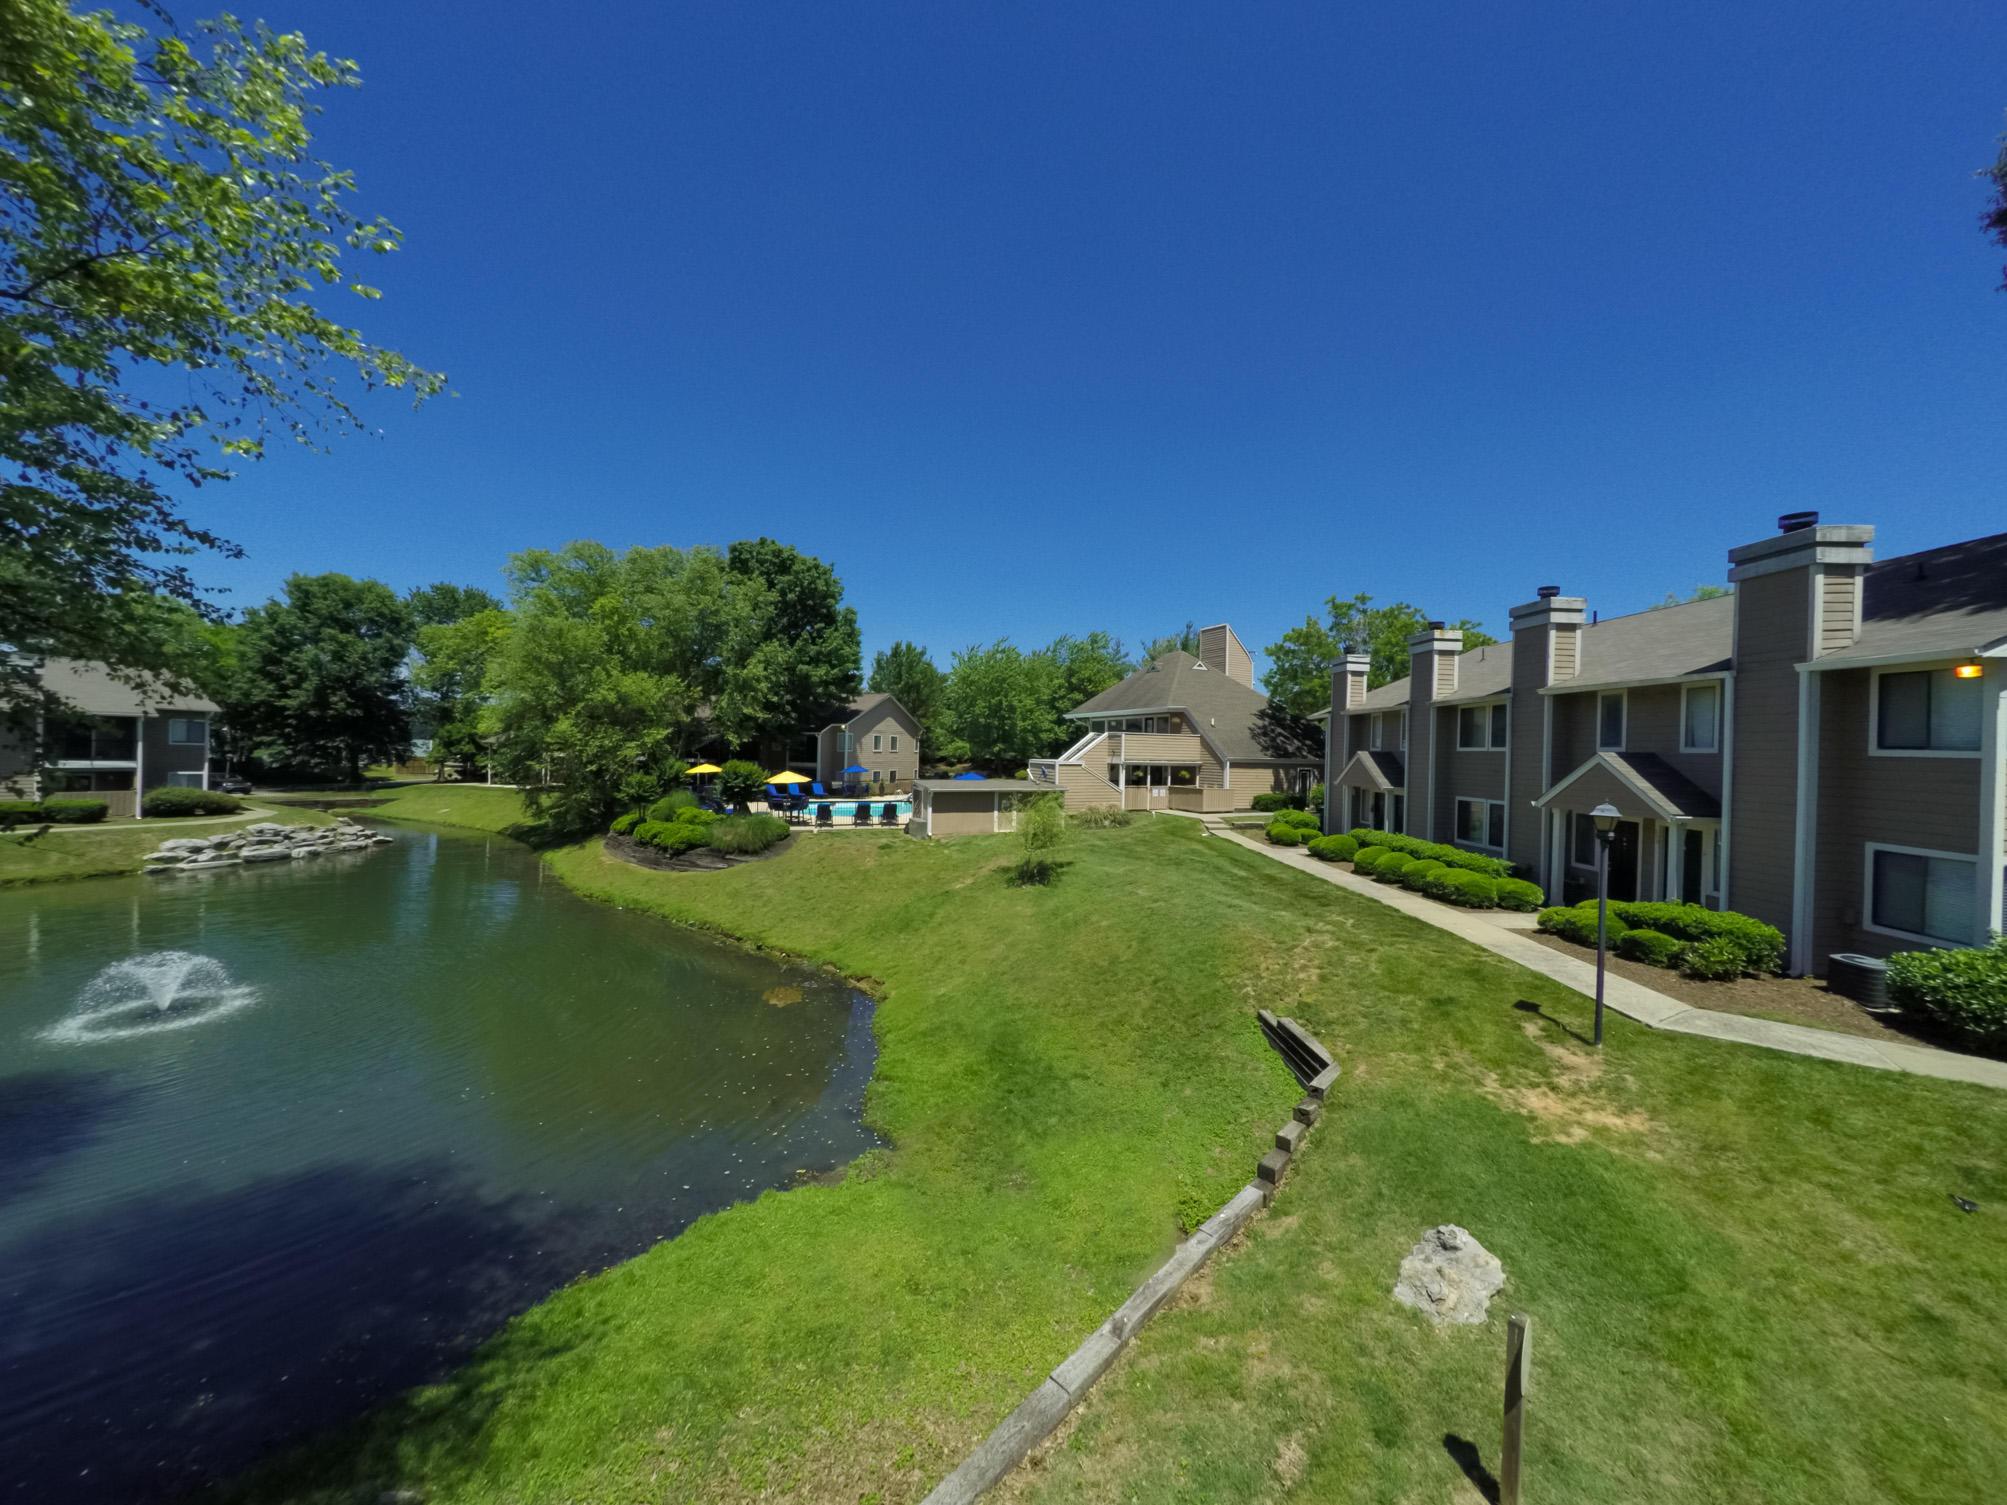 Timberlake Village Apartments image 9